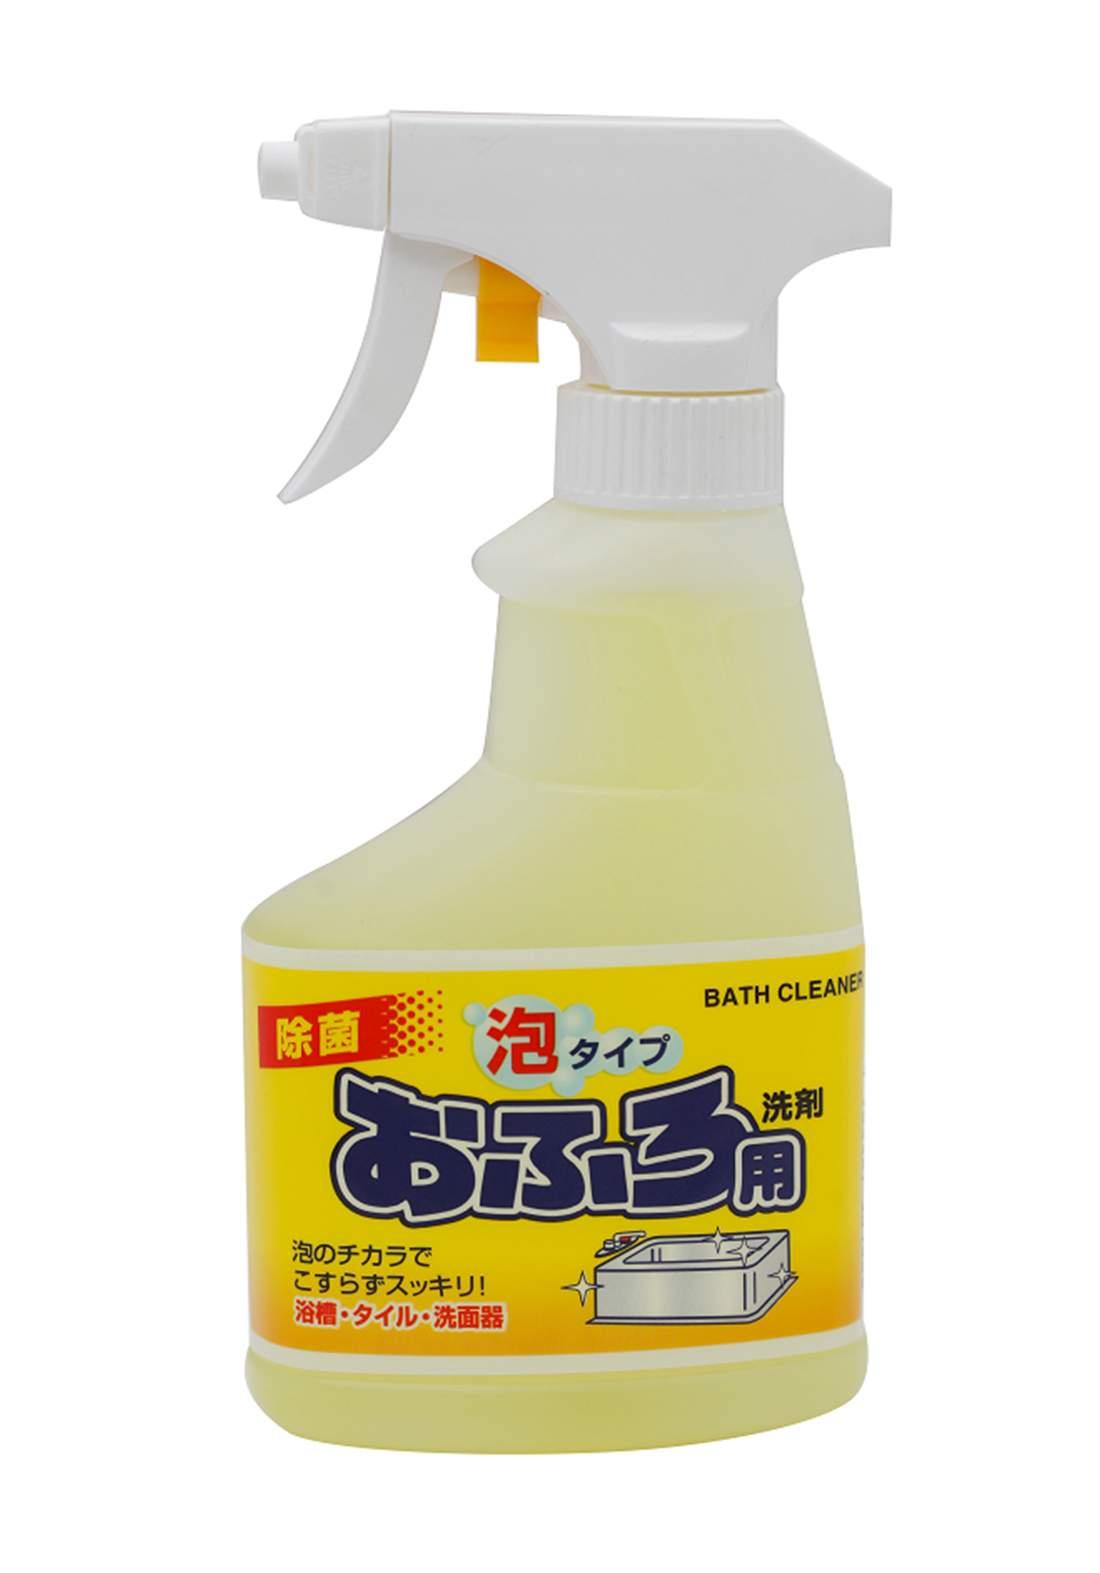 سائل تنظيف بخاخ  للحمامات  300 مل